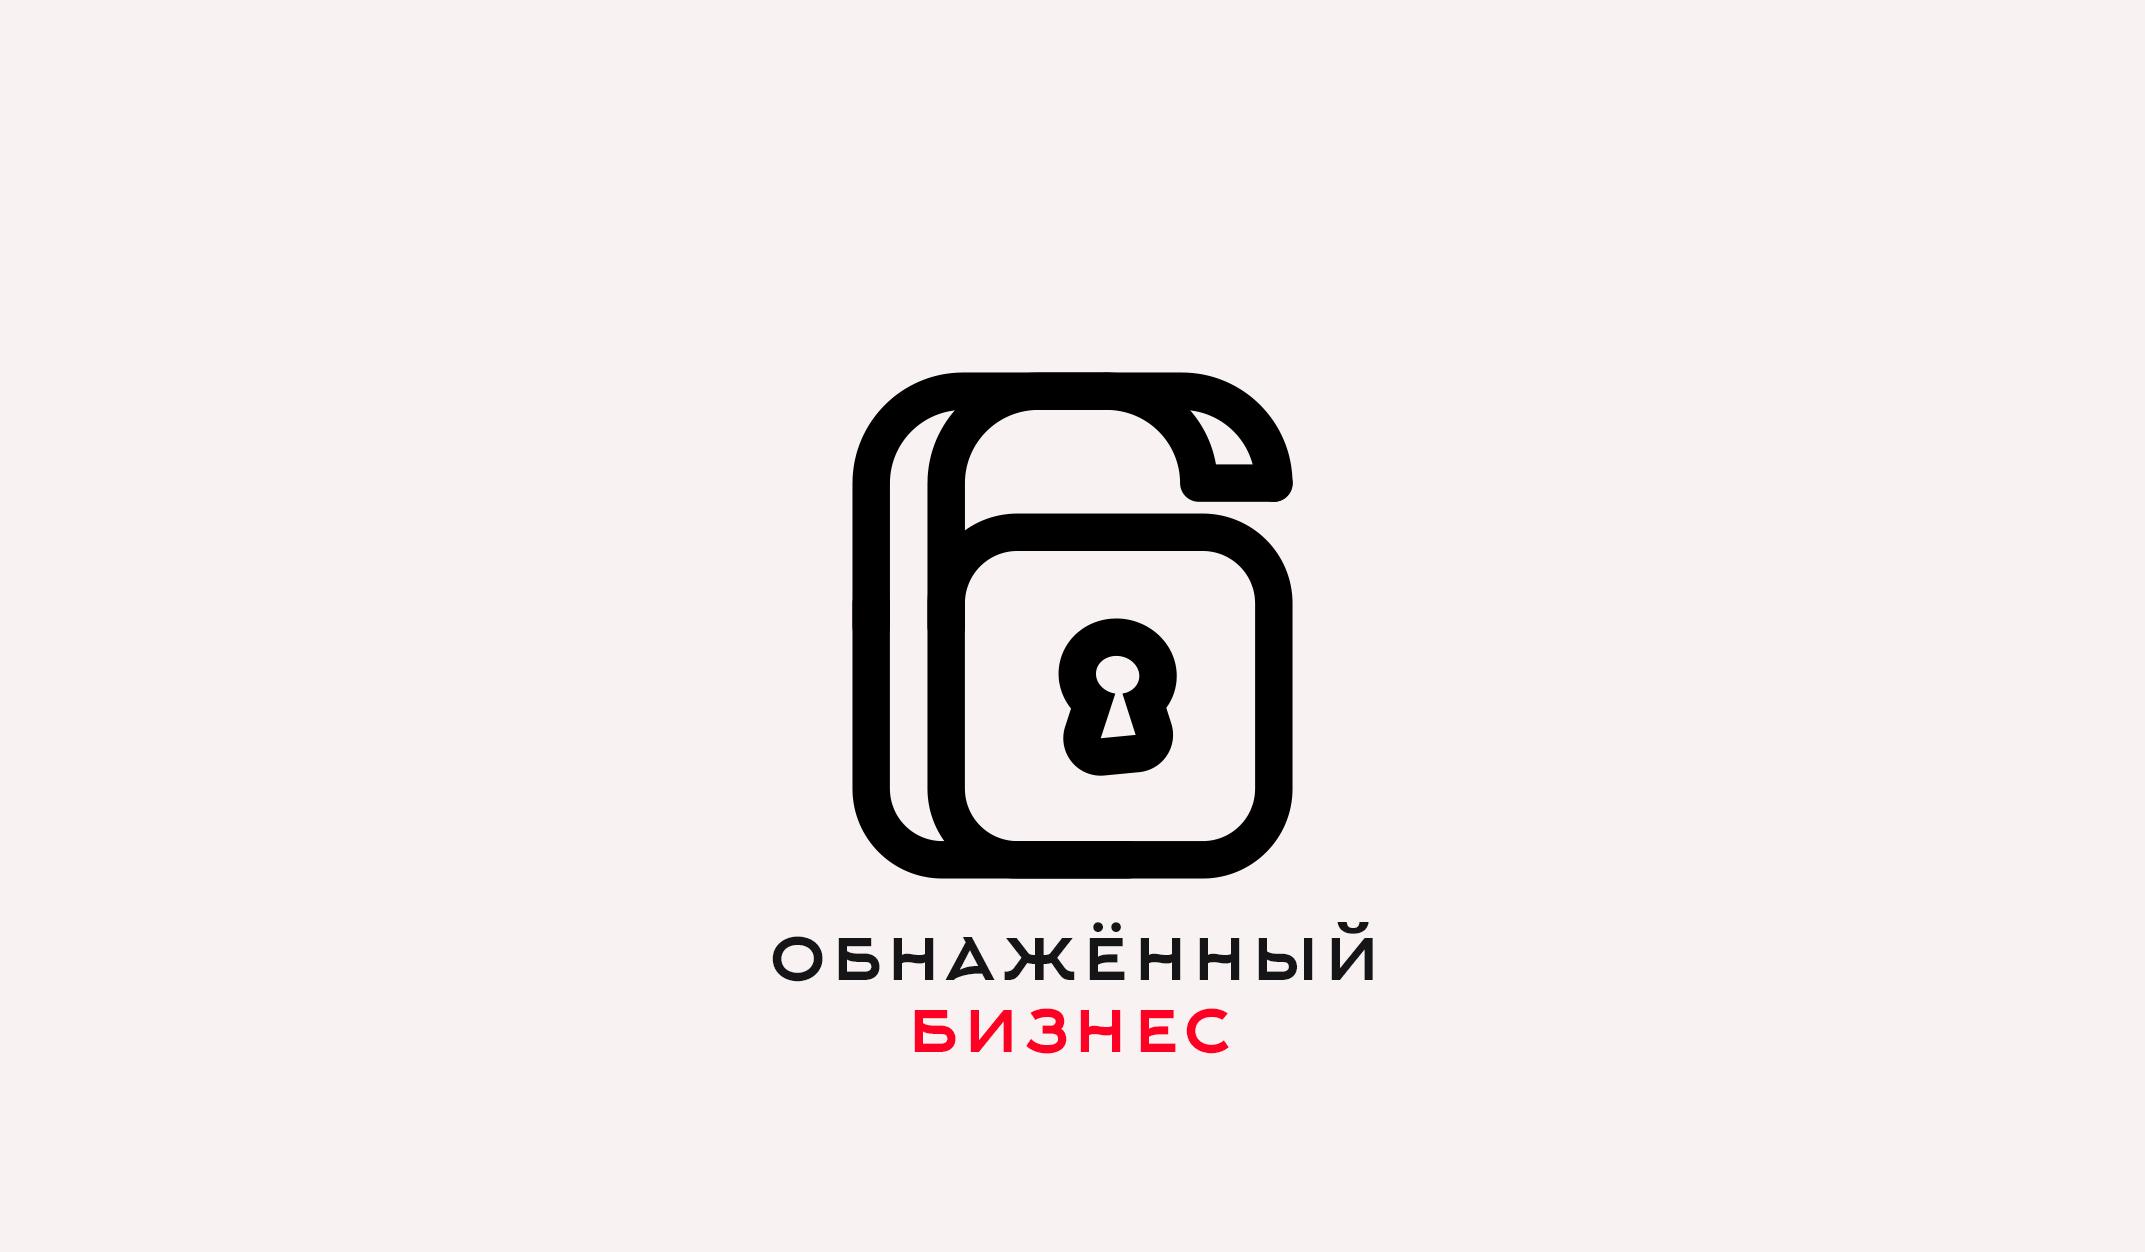 """Логотип для продюсерского центра """"Обнажённый бизнес"""" фото f_6515b9e41376848b.jpg"""